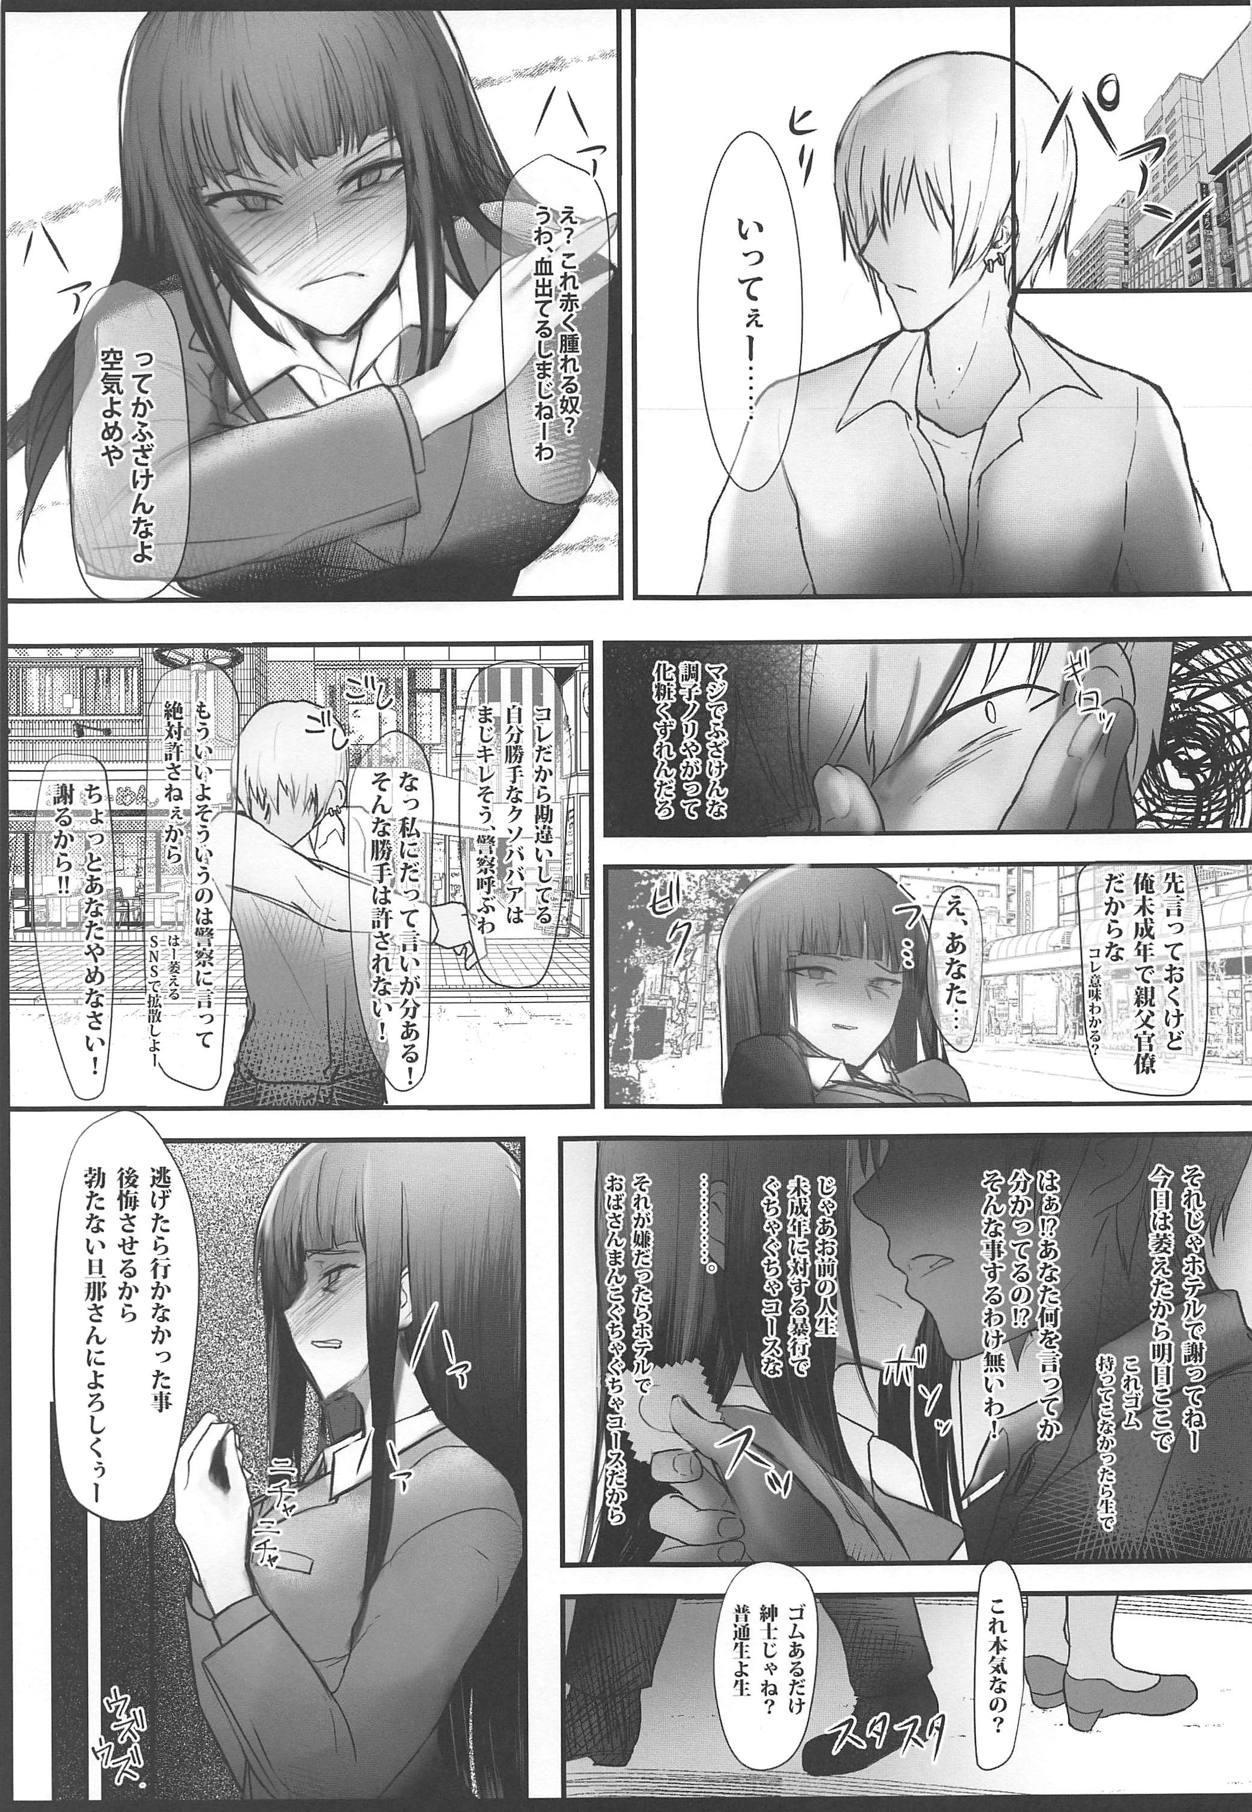 (COMIC1☆15) [Flaming Dragon (Bouto)] Tsuyoi Sensha no Kowashikata NTR Zenpen -Nishizumi-ryuu Iemoto Nishizumi Shiho Shihan no Baai- (Girls und Panzer) 7